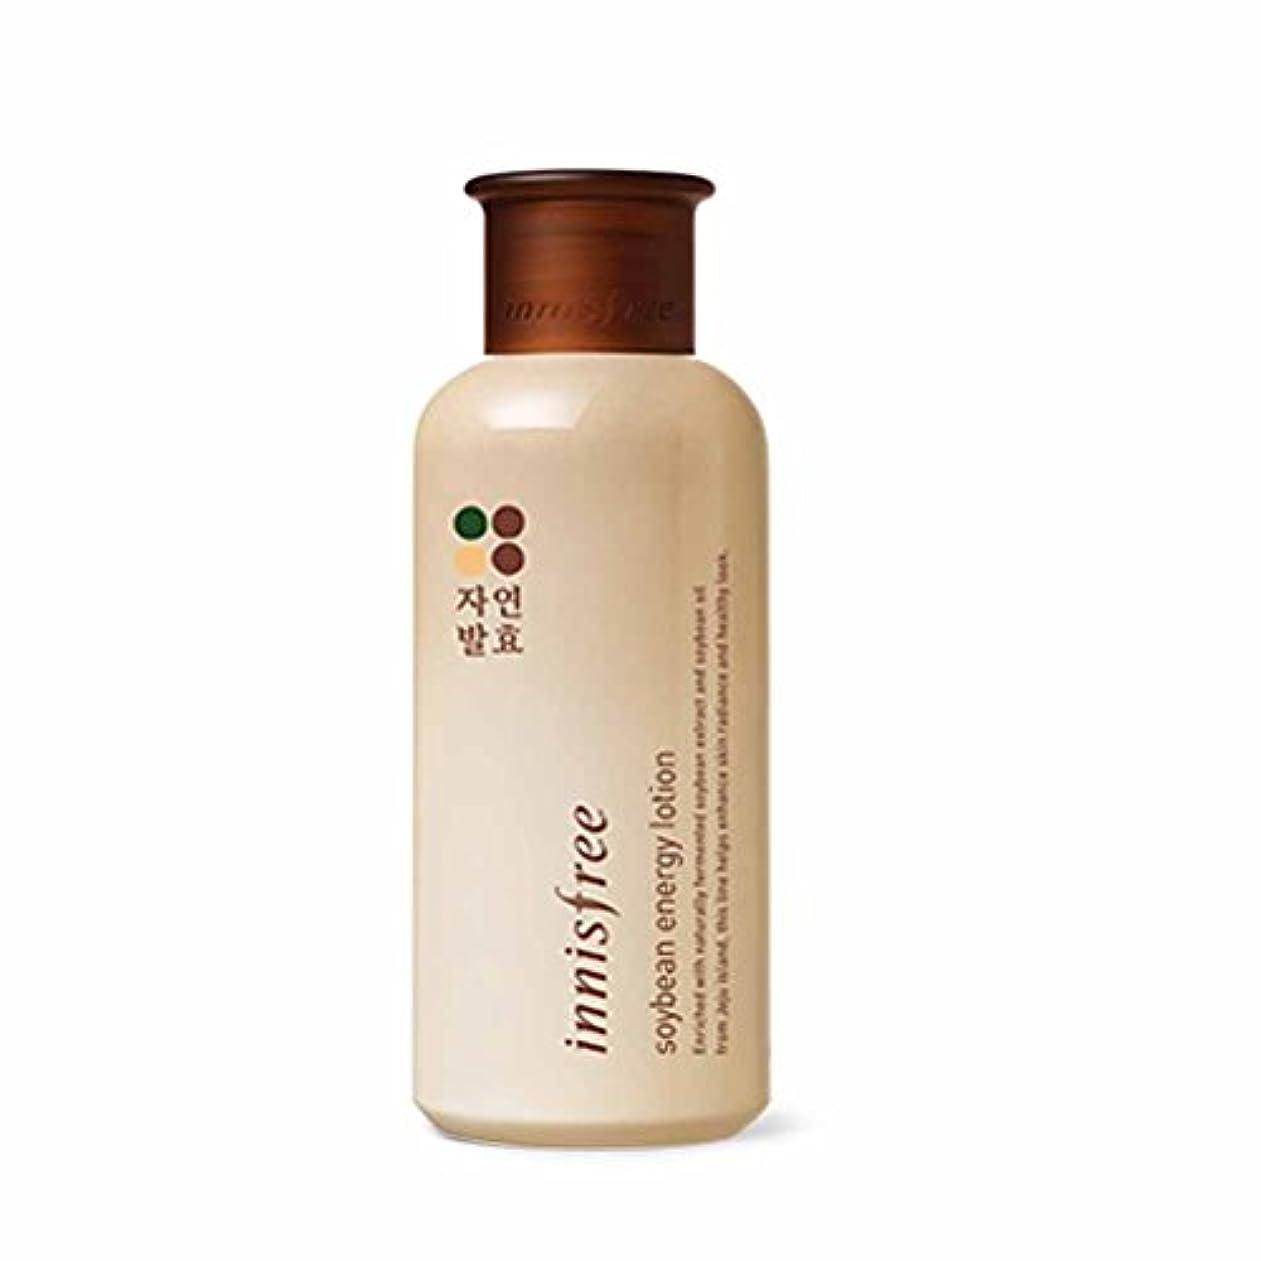 マイクロマラドロイト成熟したイニスフリーソイビーンエナジースキン(トナー)200ml / Innisfree Soybean Energy Skin(Toner) 200ml[海外直送品][並行輸入品]